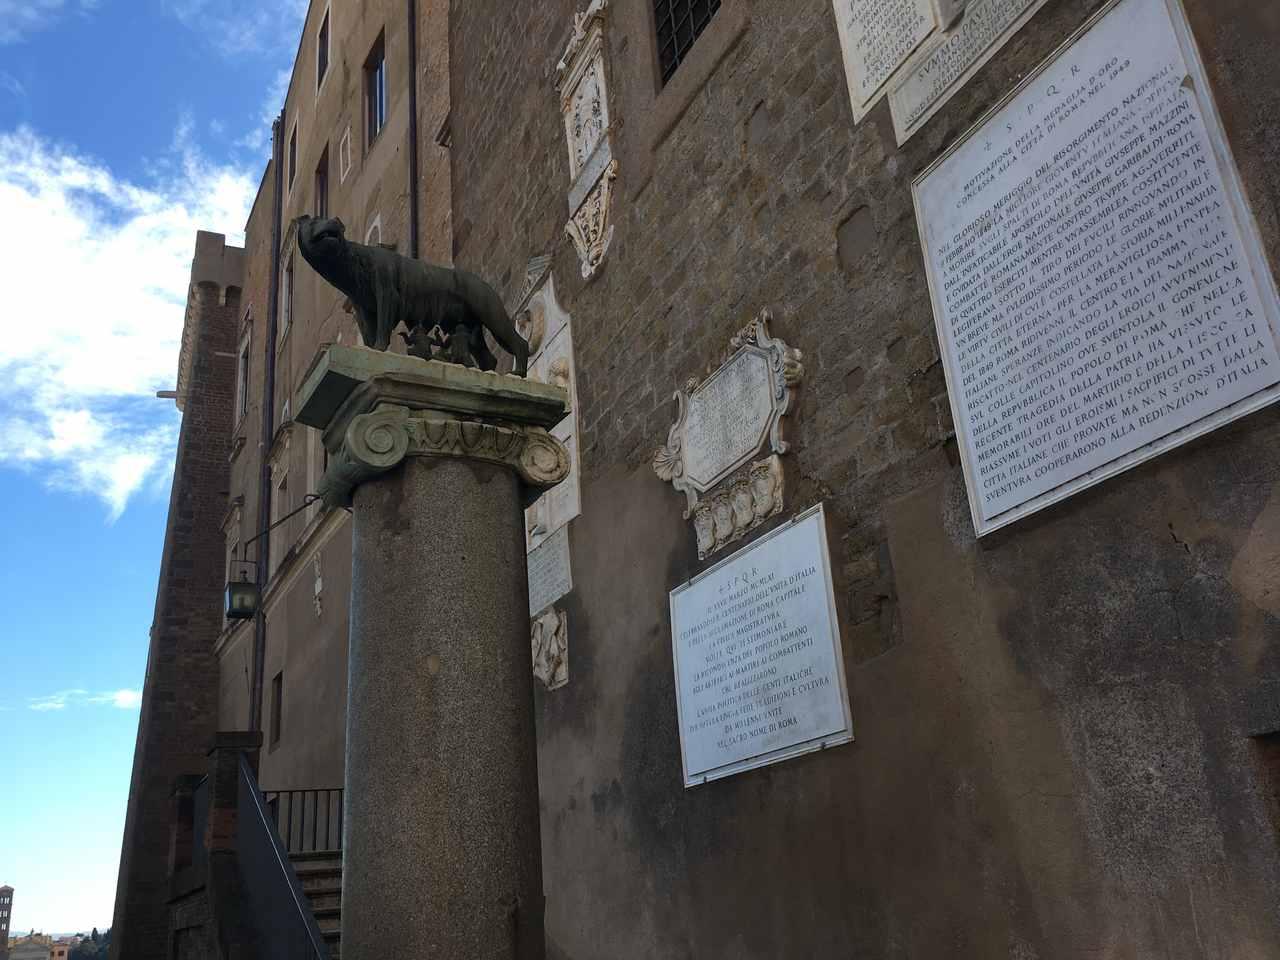 Estátua da Loba em Roma. Foto de Inês Marques